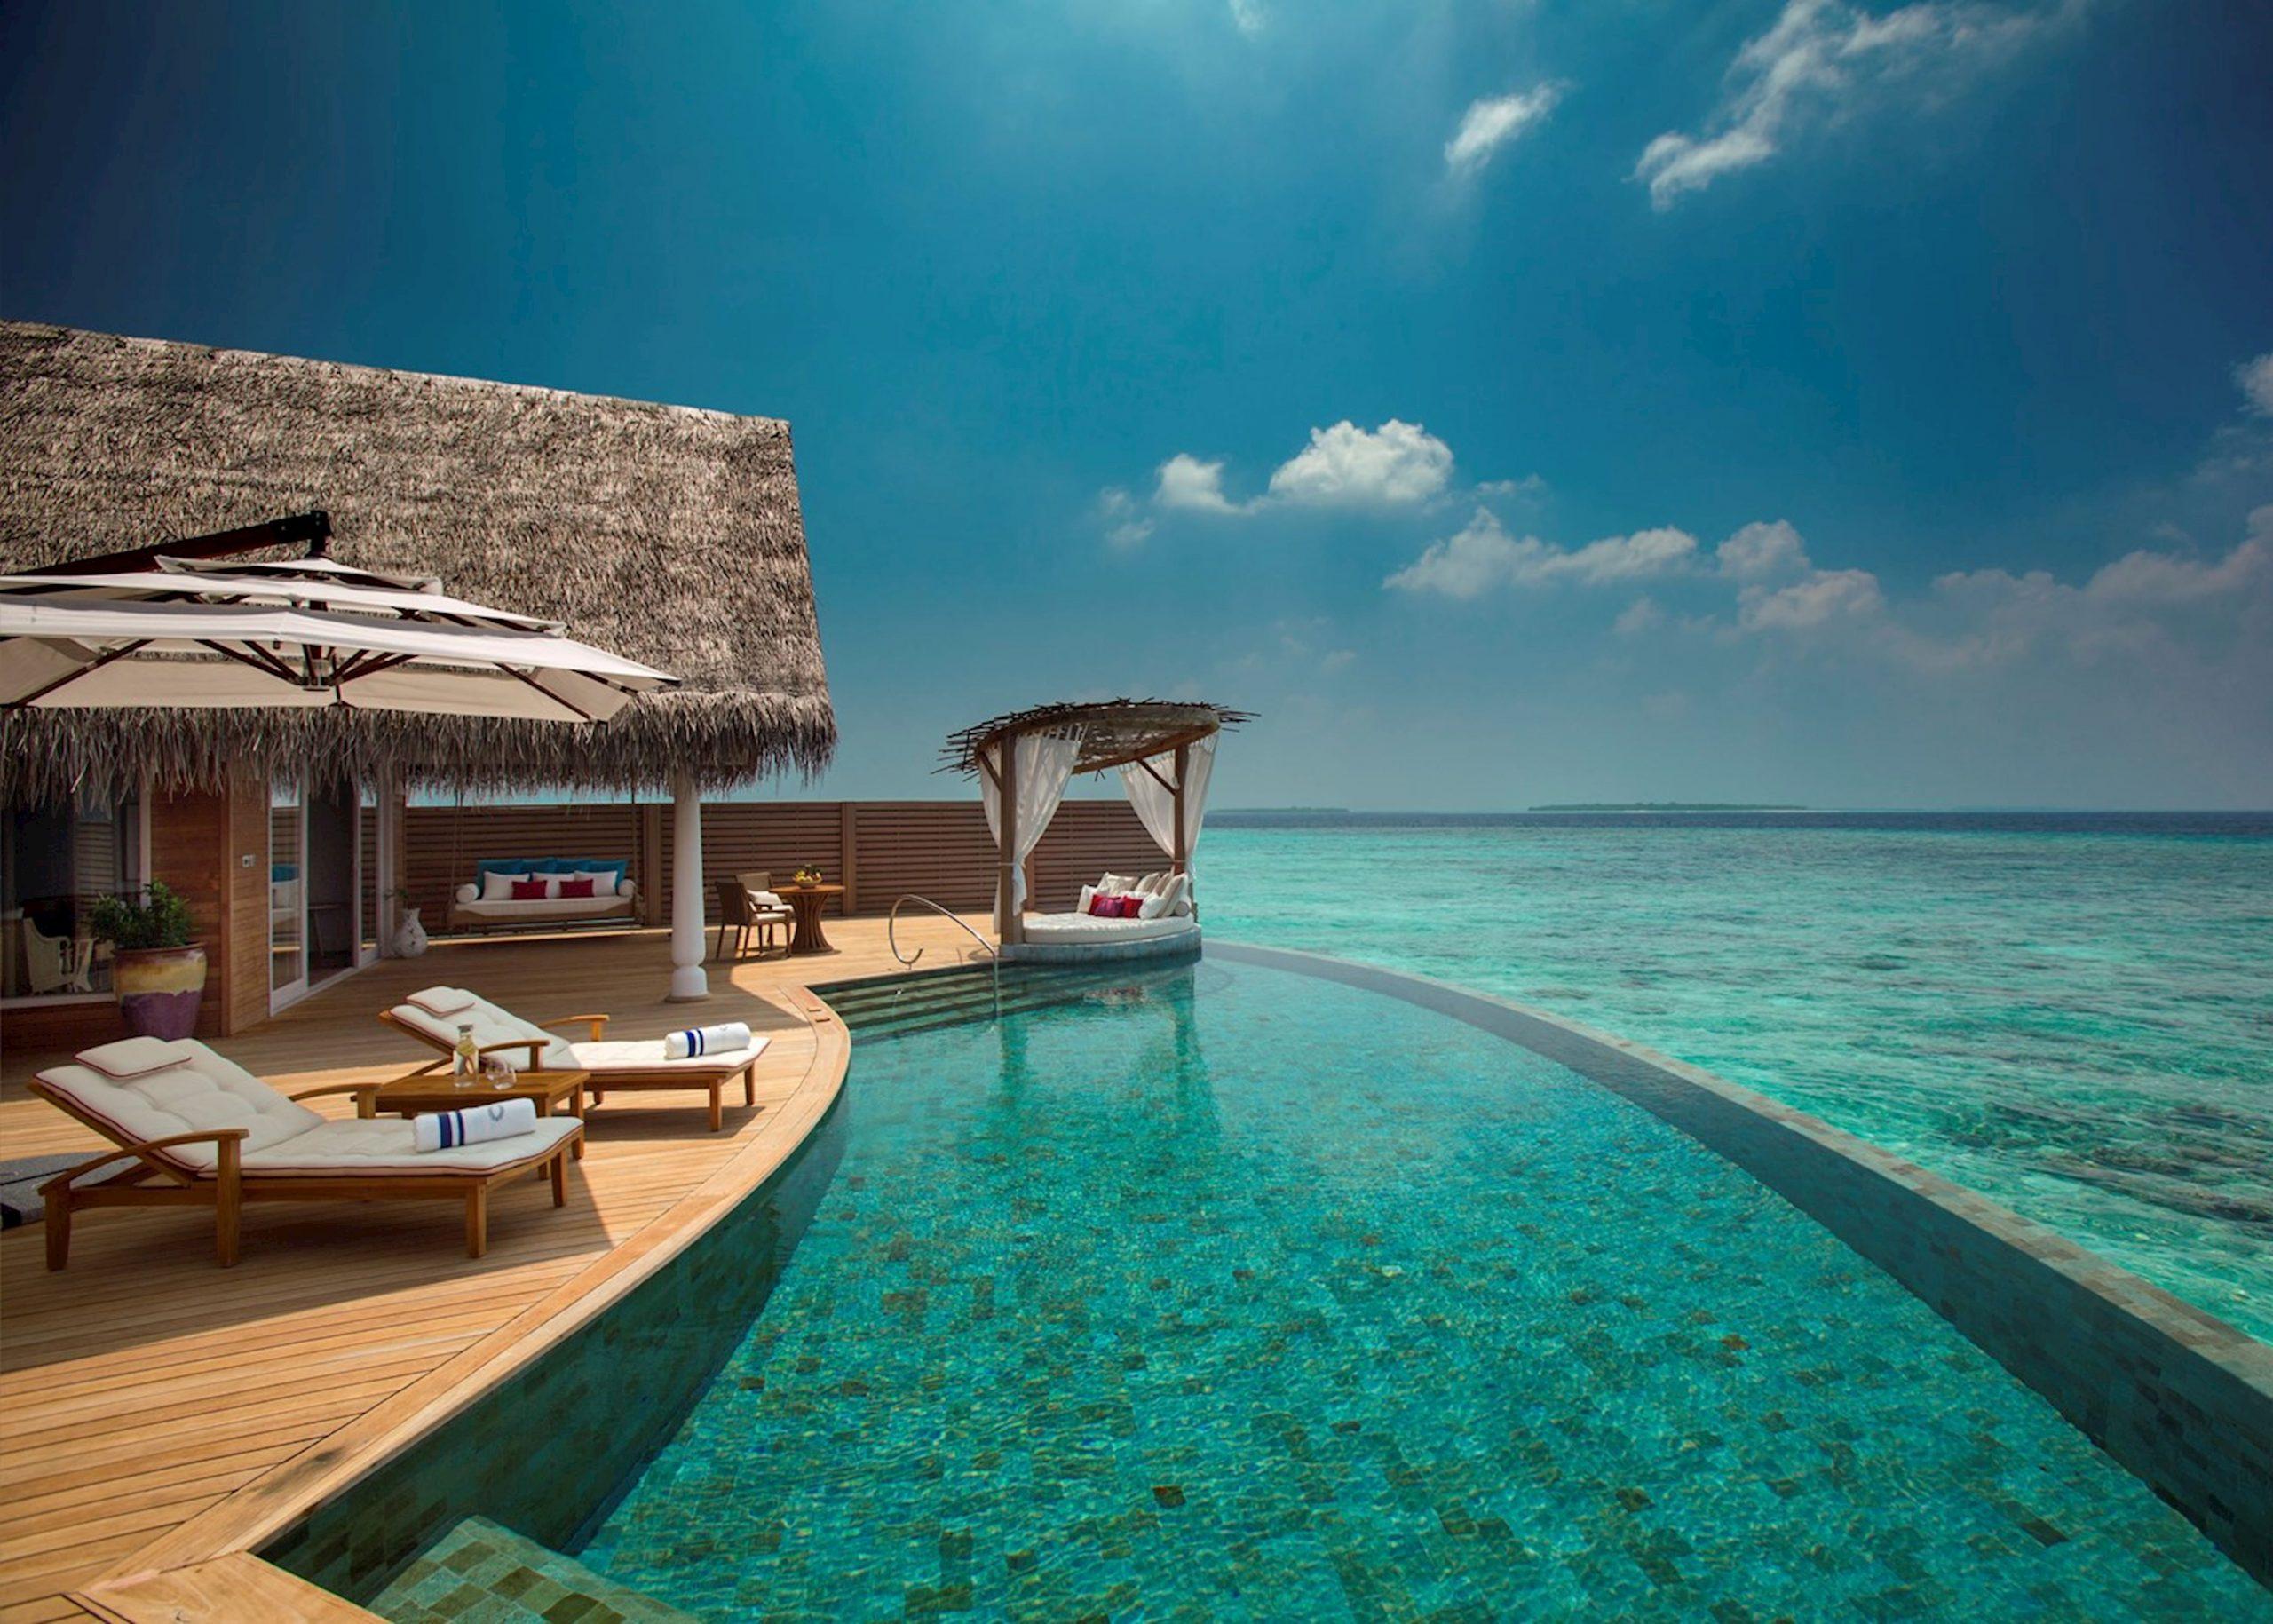 صور جزر المالديف 22